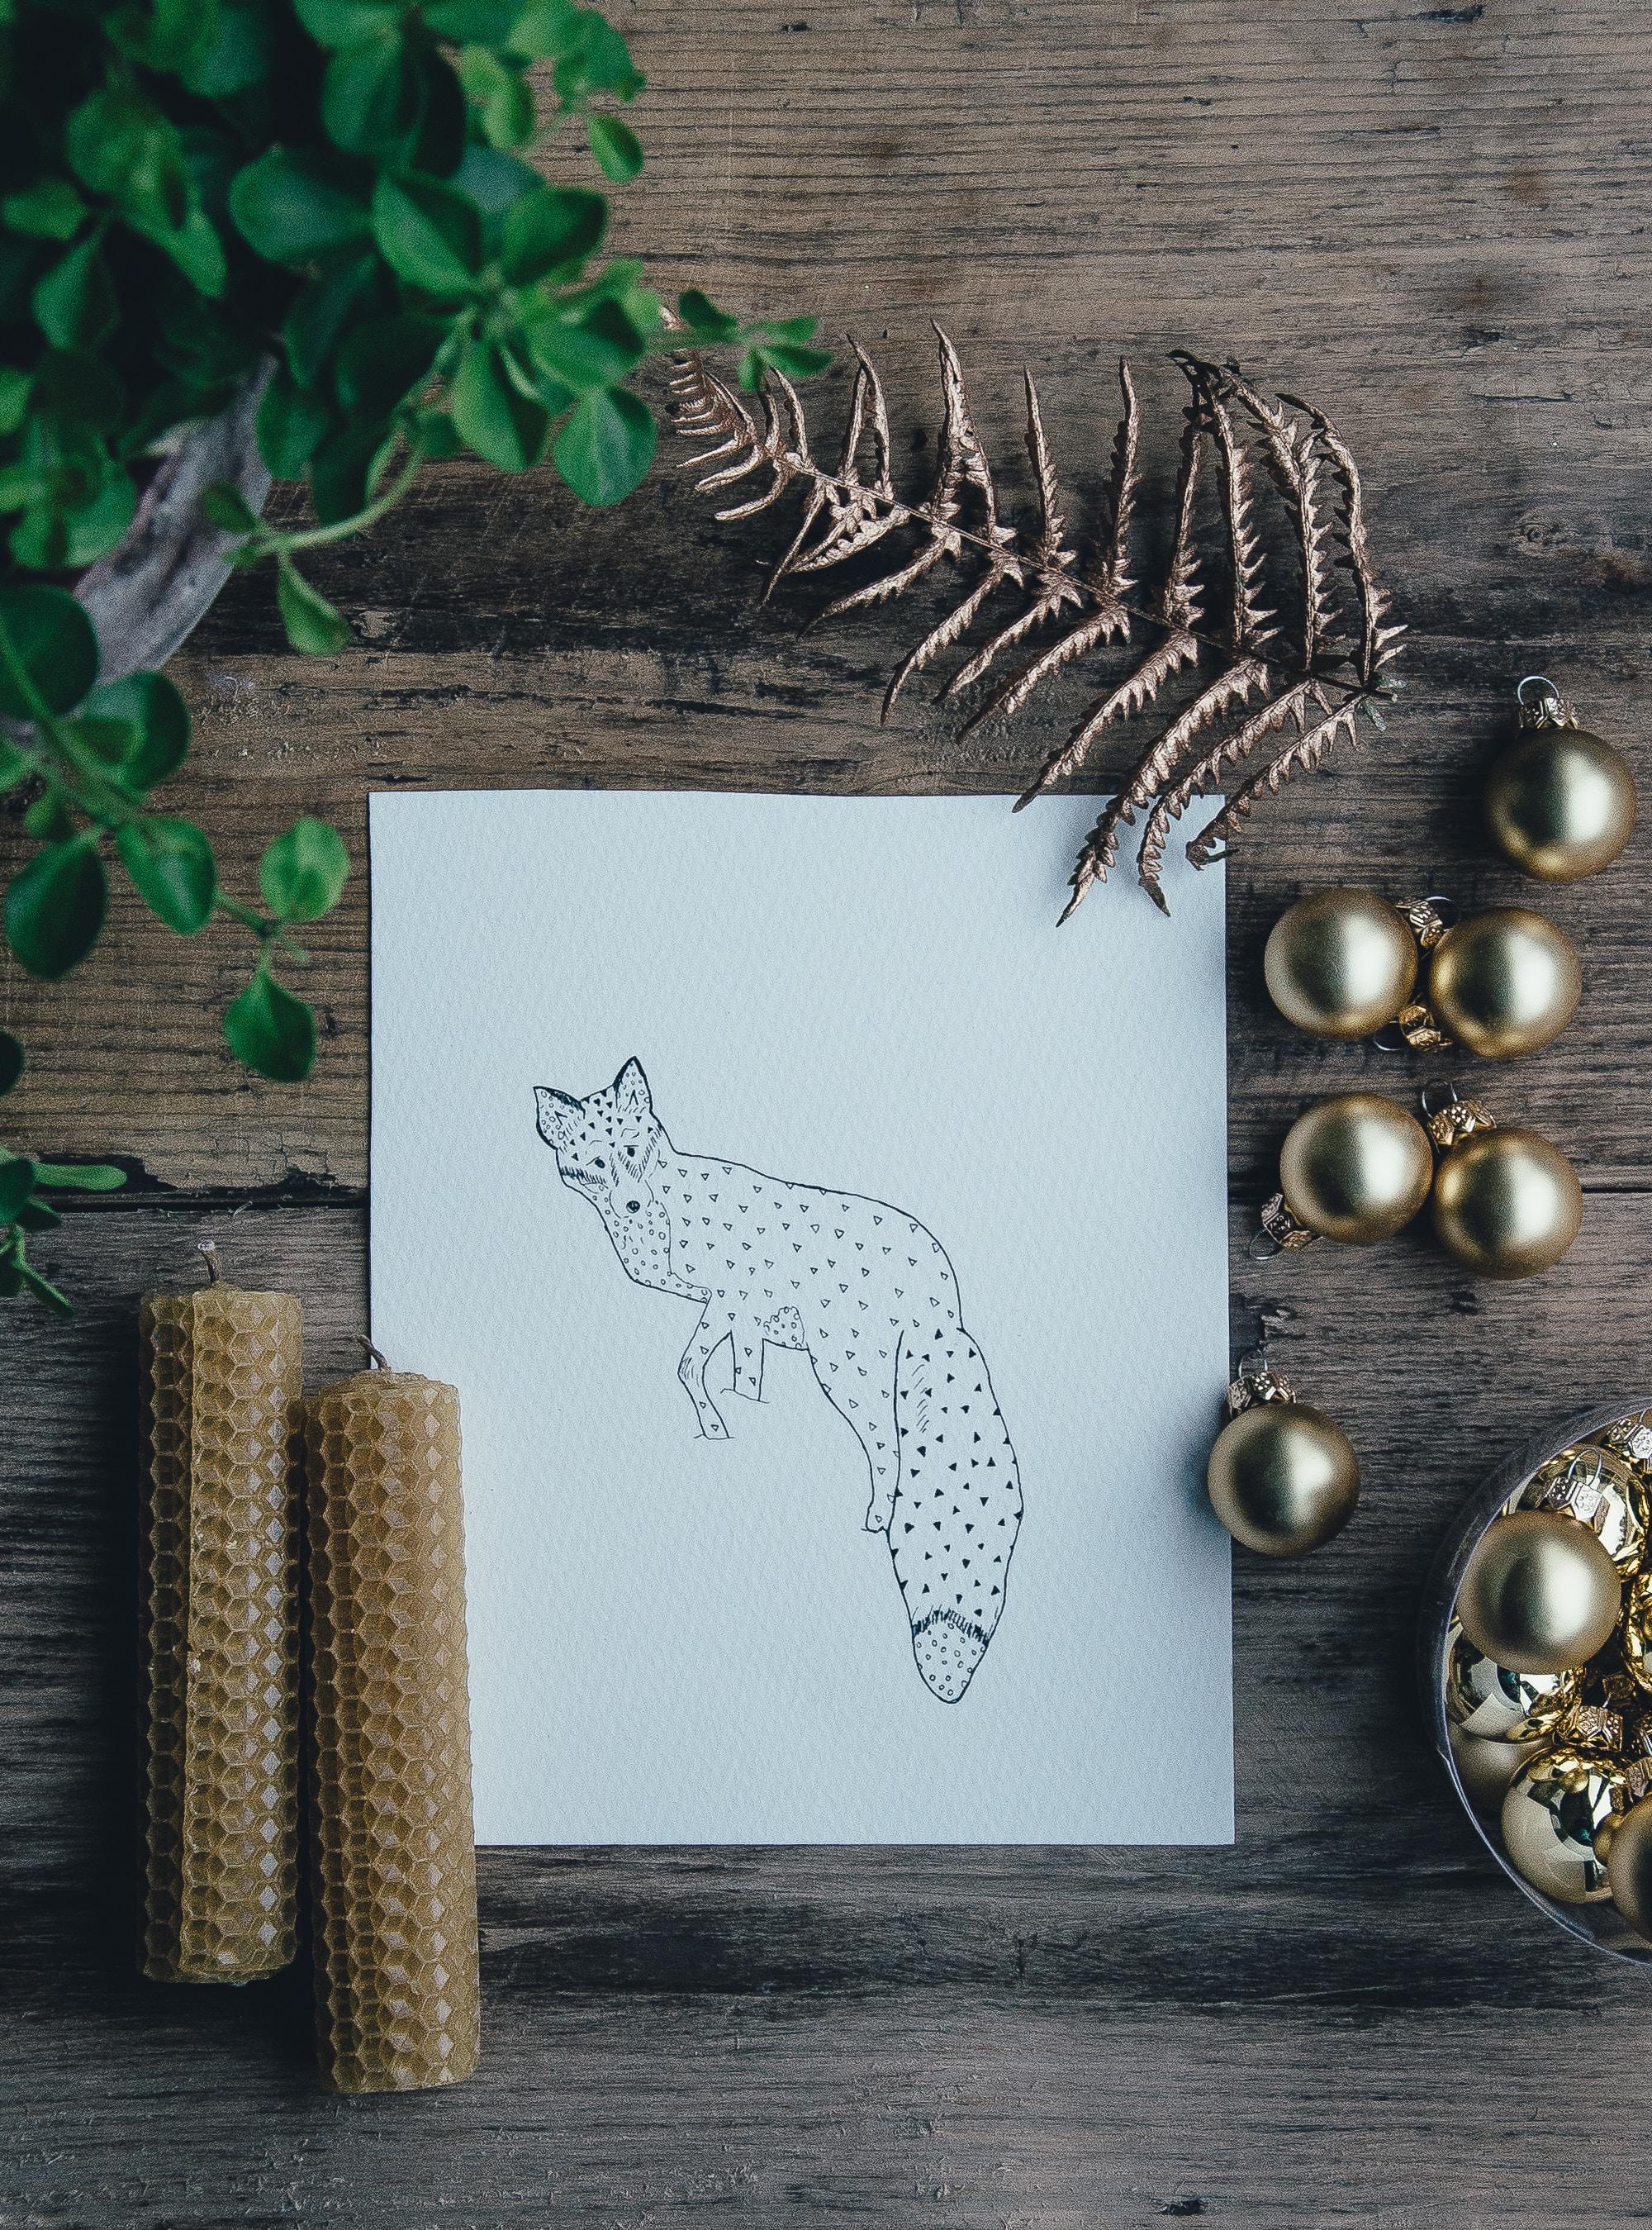 polka-dot fox illustration